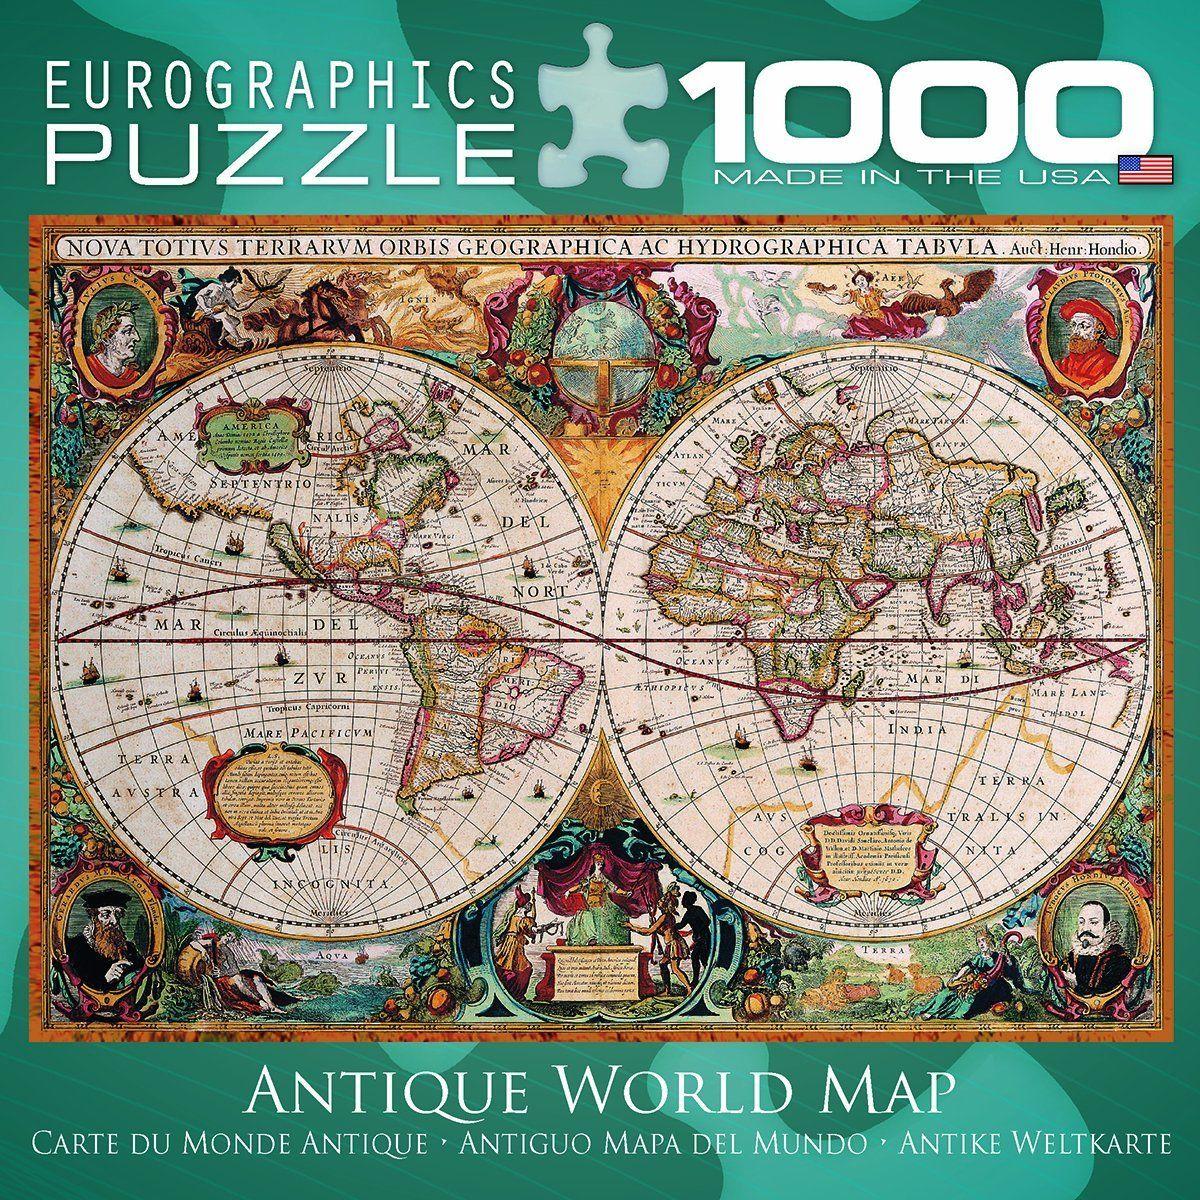 Amazon antique world map puzzle 1000 piece toys games amazon antique world map puzzle 1000 piece toys games gumiabroncs Images